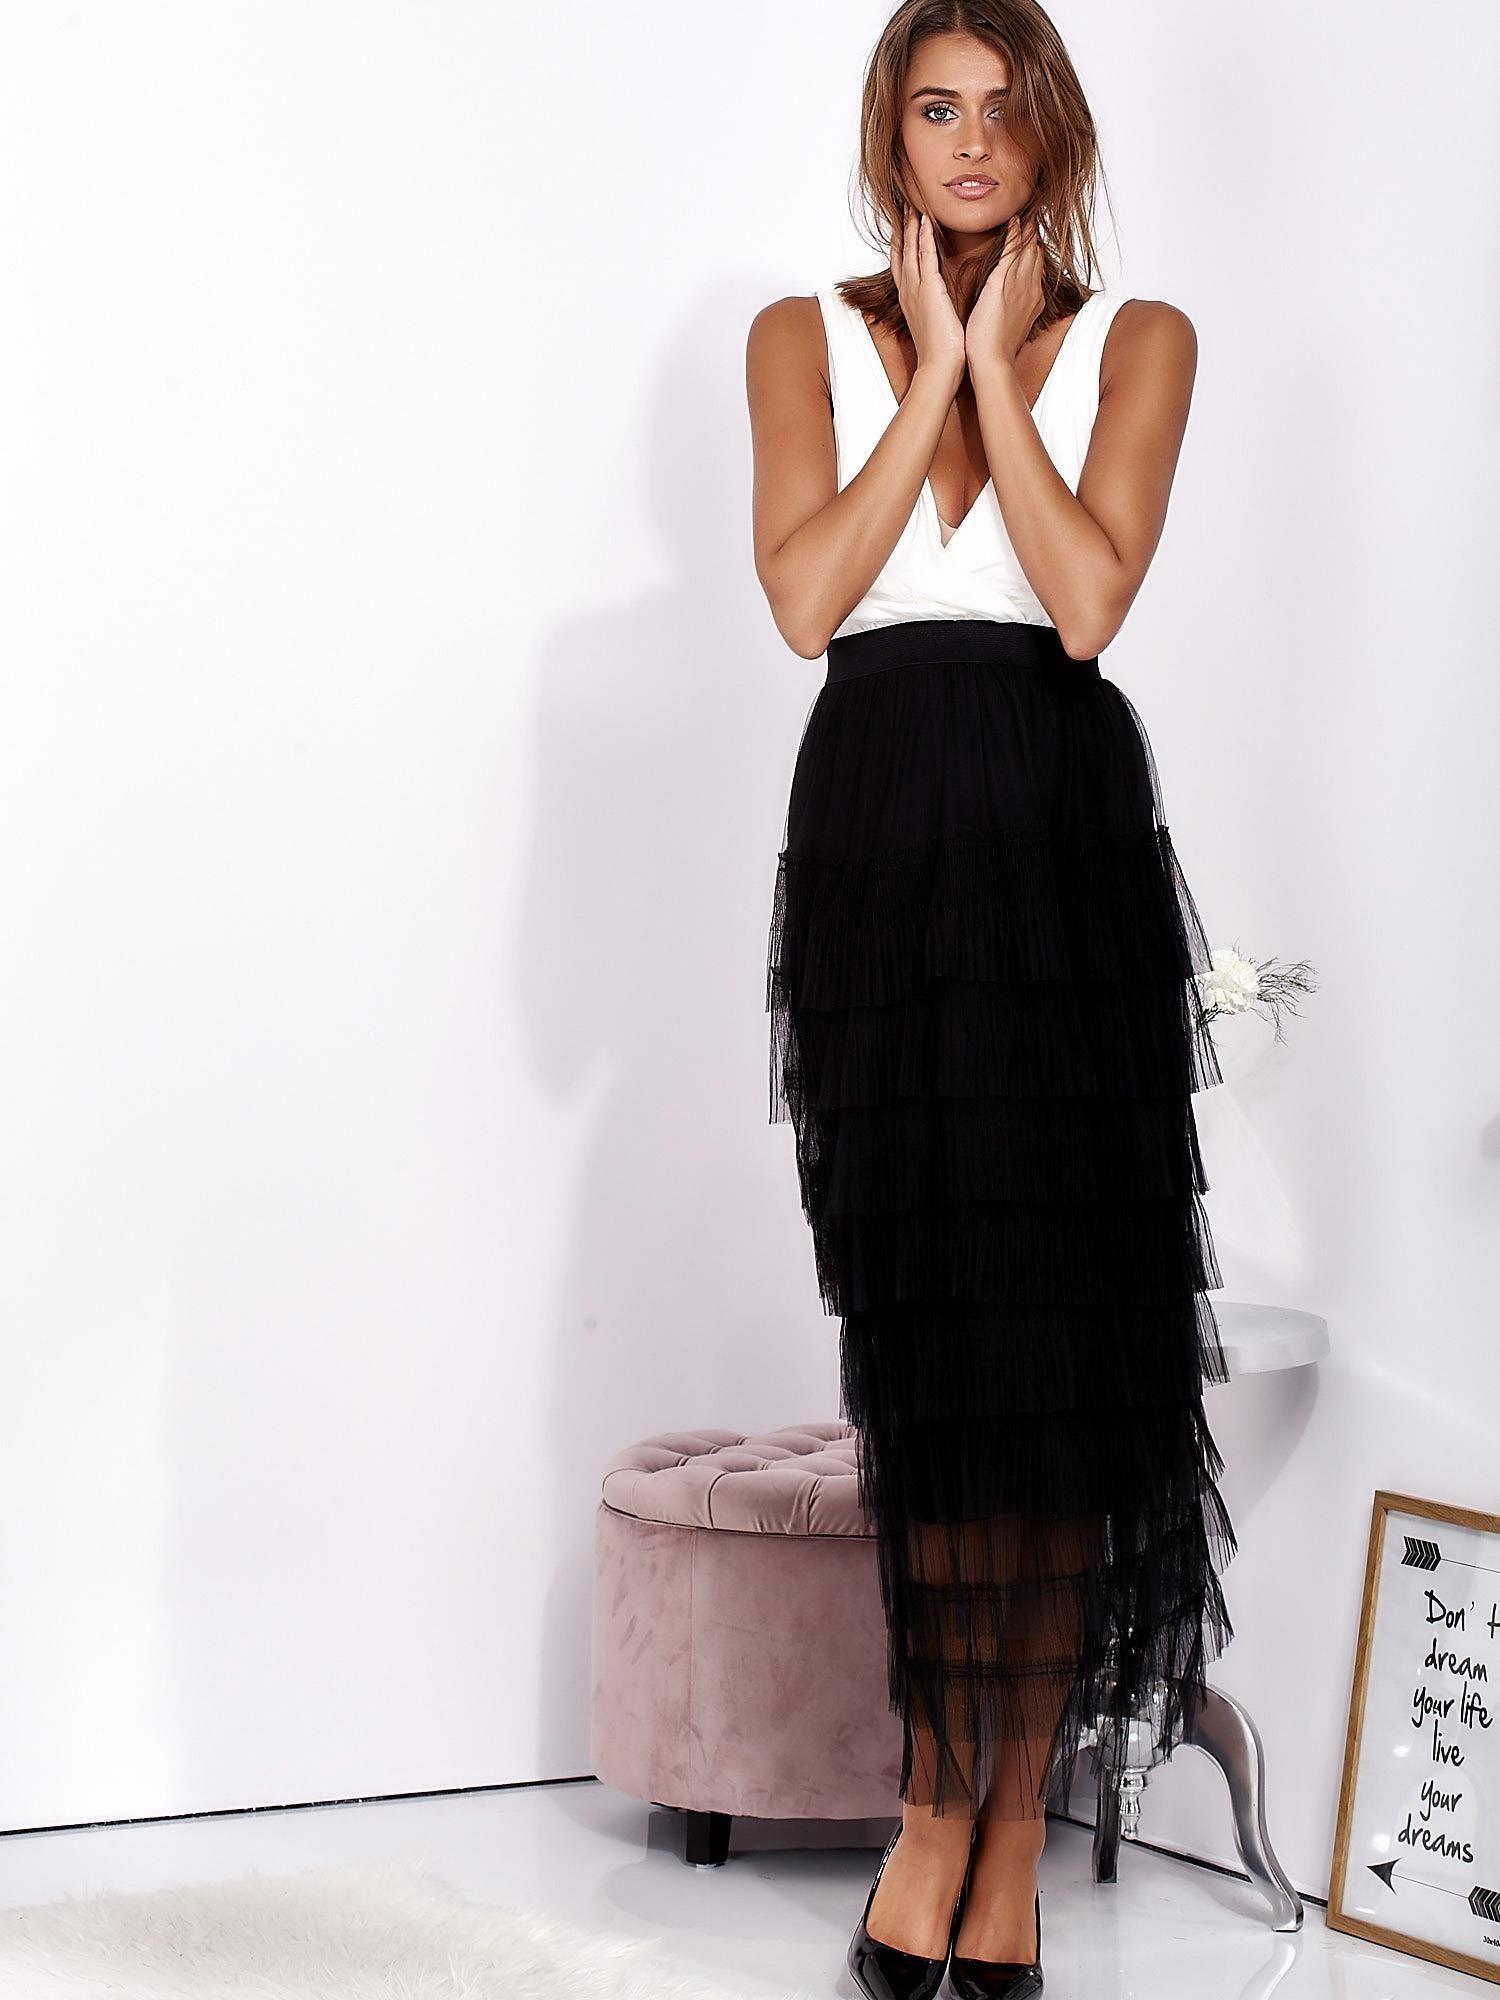 83a7392272 Biało-czarna sukienka maxi z plisowanymi falbanami - Sukienka wieczorowa -  sklep eButik.pl